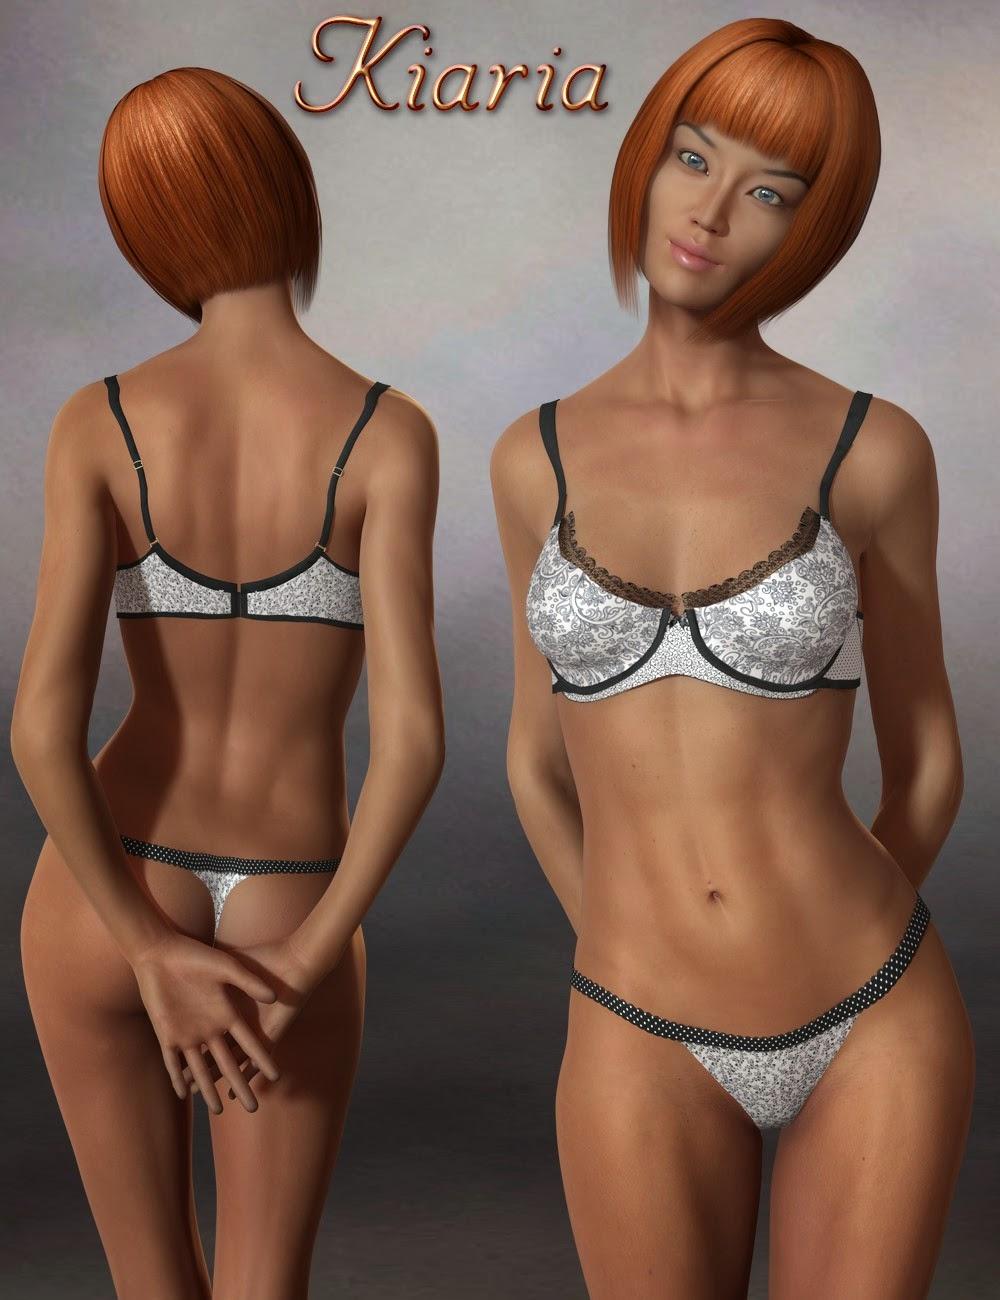 3d Models Art Zone - Kiaria for Mei Lin 6